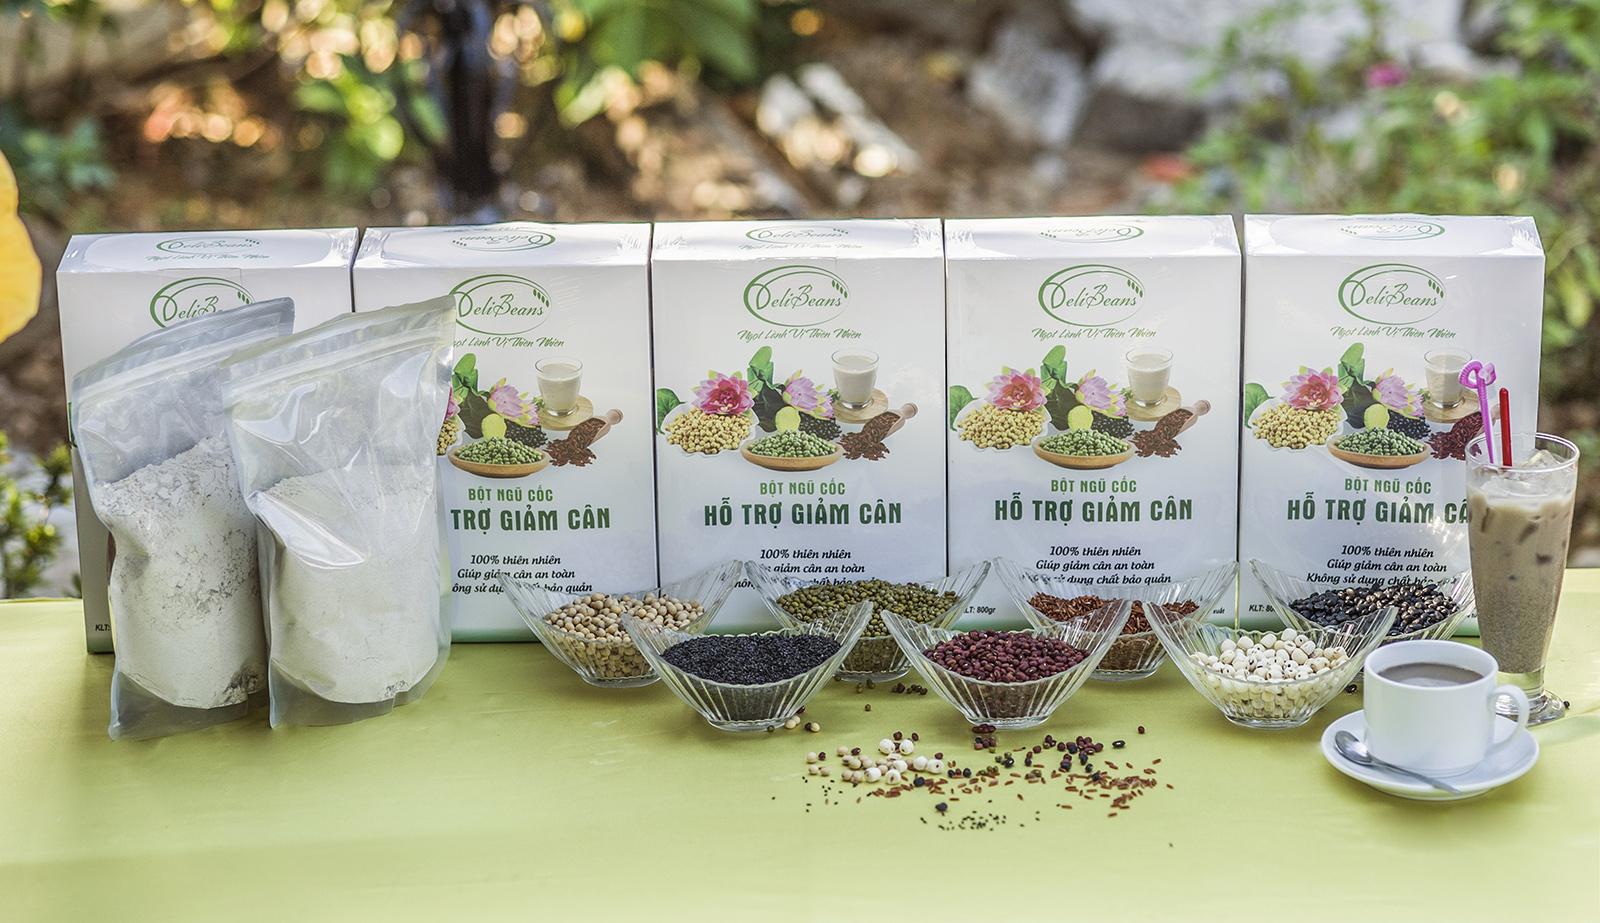 Bột ngũ cốc hỗ trợ giảm cân DeliBeans (Hộp 800g) 12 - Deli Beans